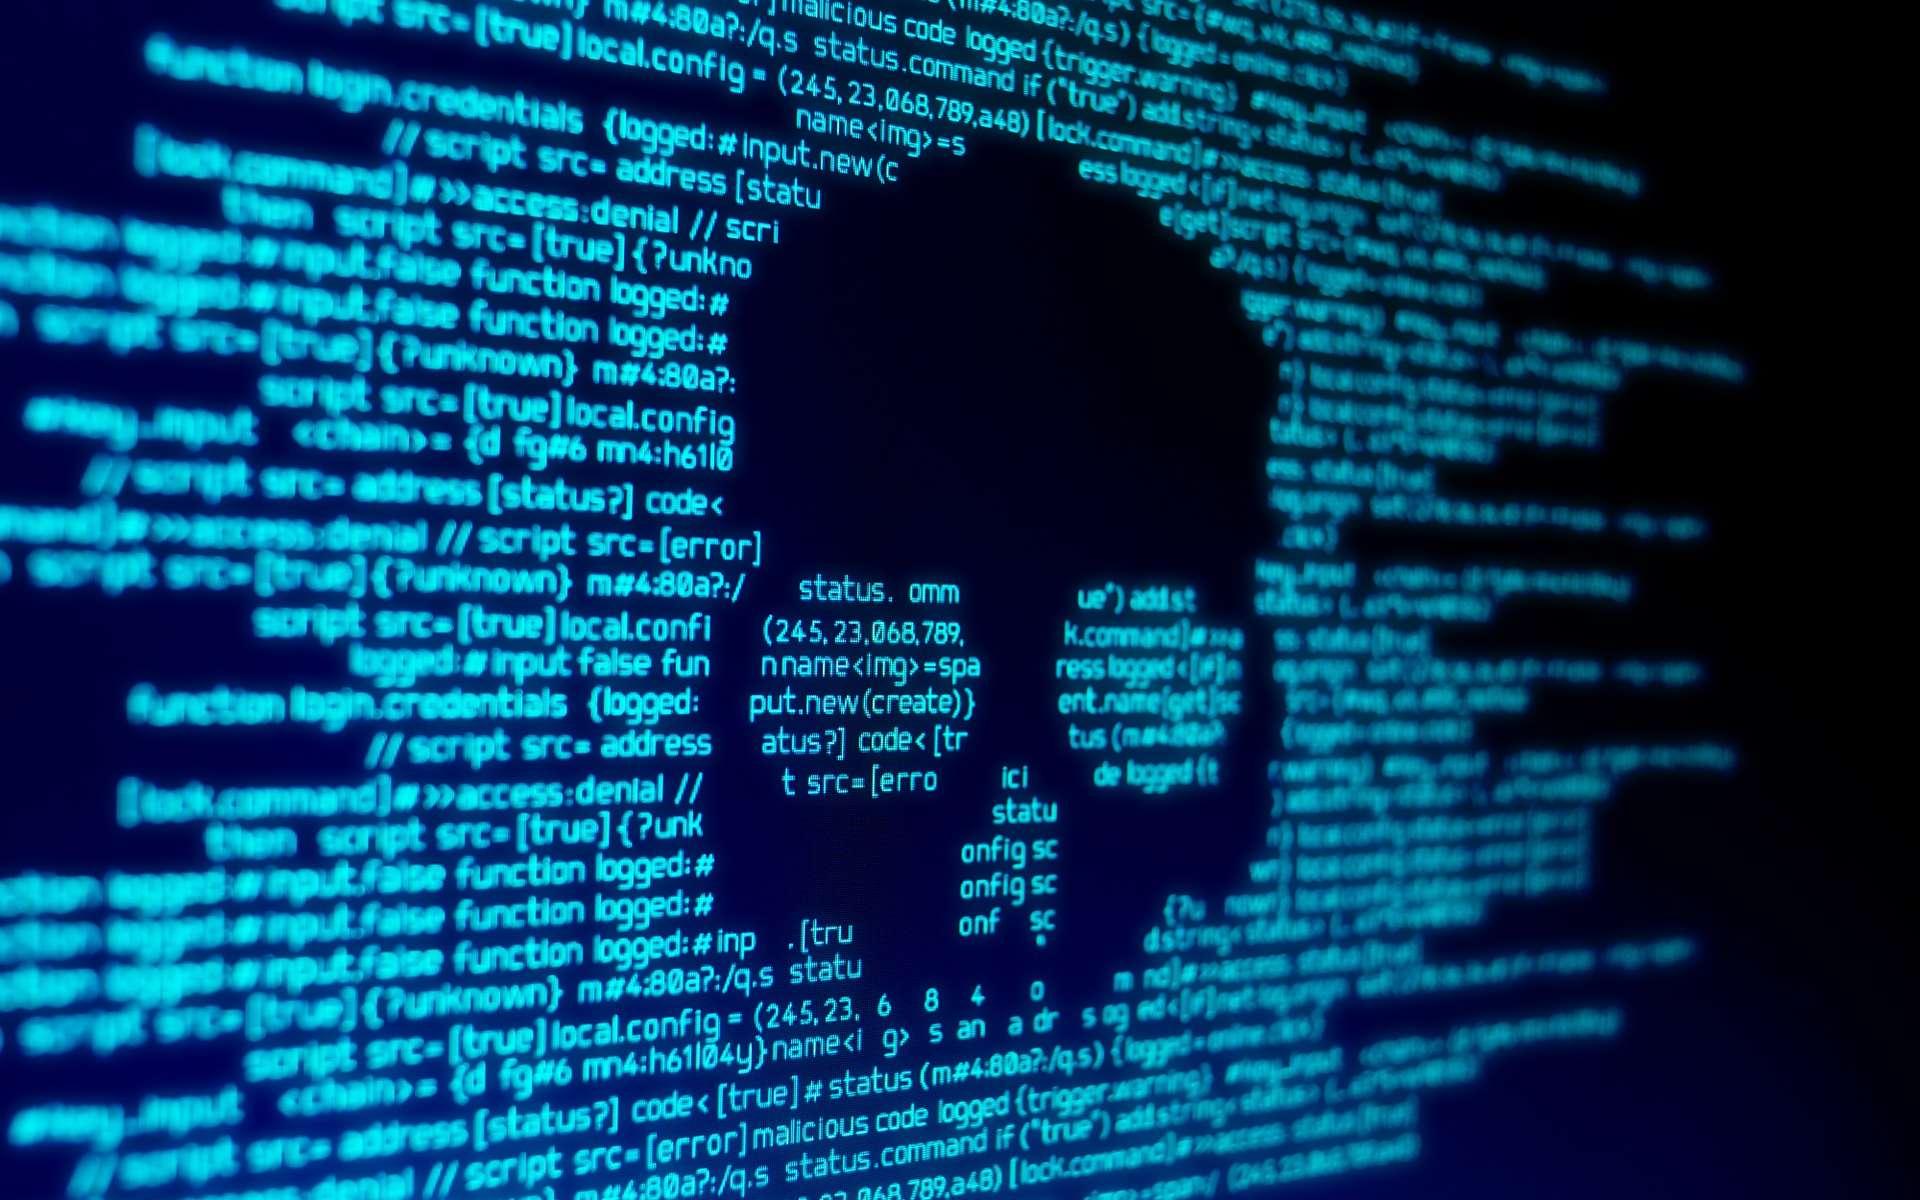 Former des professionnels de la cyberdéfense est devenu une nécessité pour pouvoir répondre rapidement aux attaques informatiques de plus en plus nombreuses et développées. © James Thew, Adobe Stock